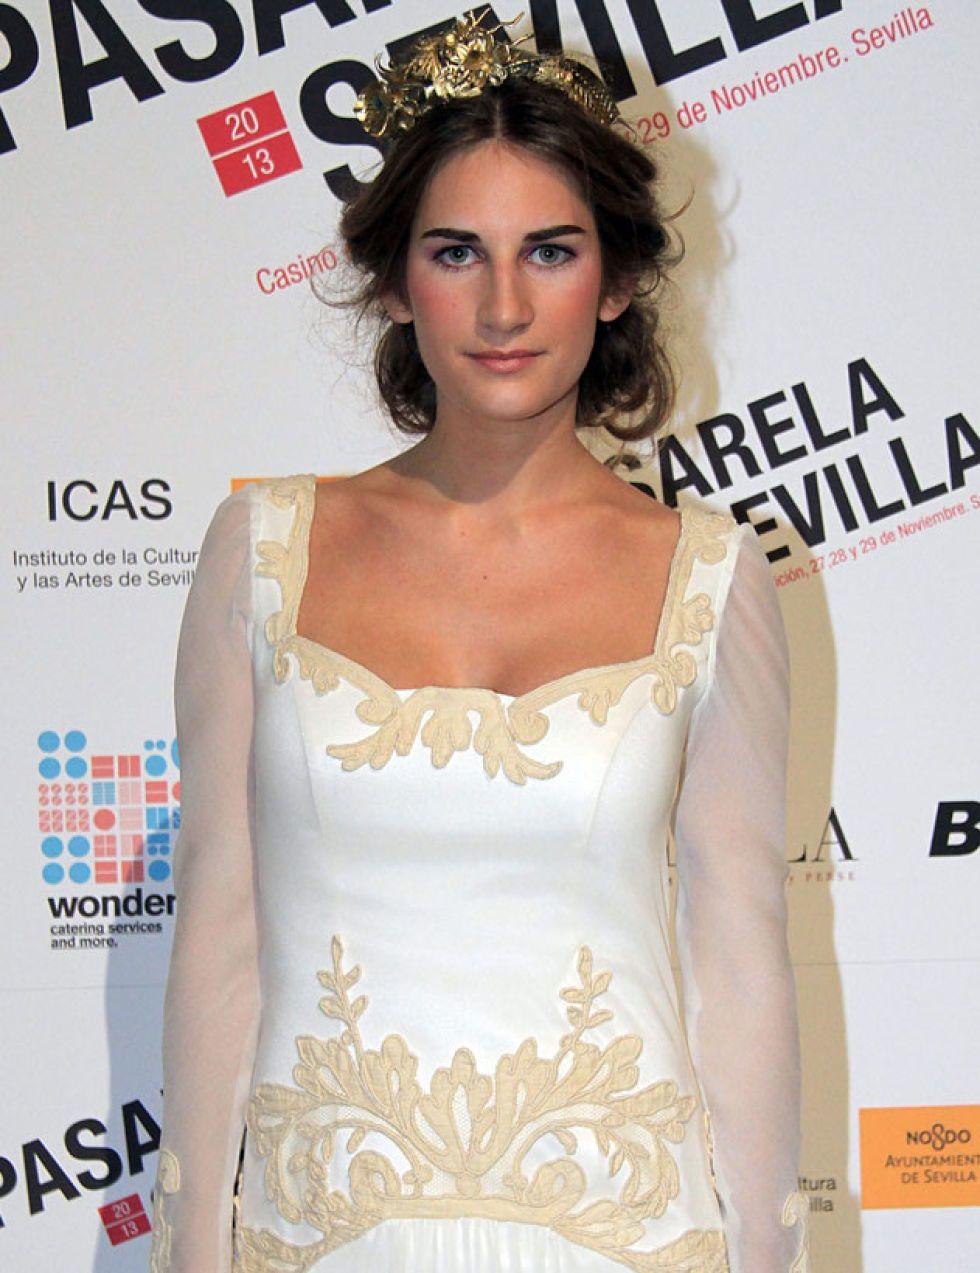 La hermana de Lourdes Montes debuta como modelo y se suma al carro de la fama